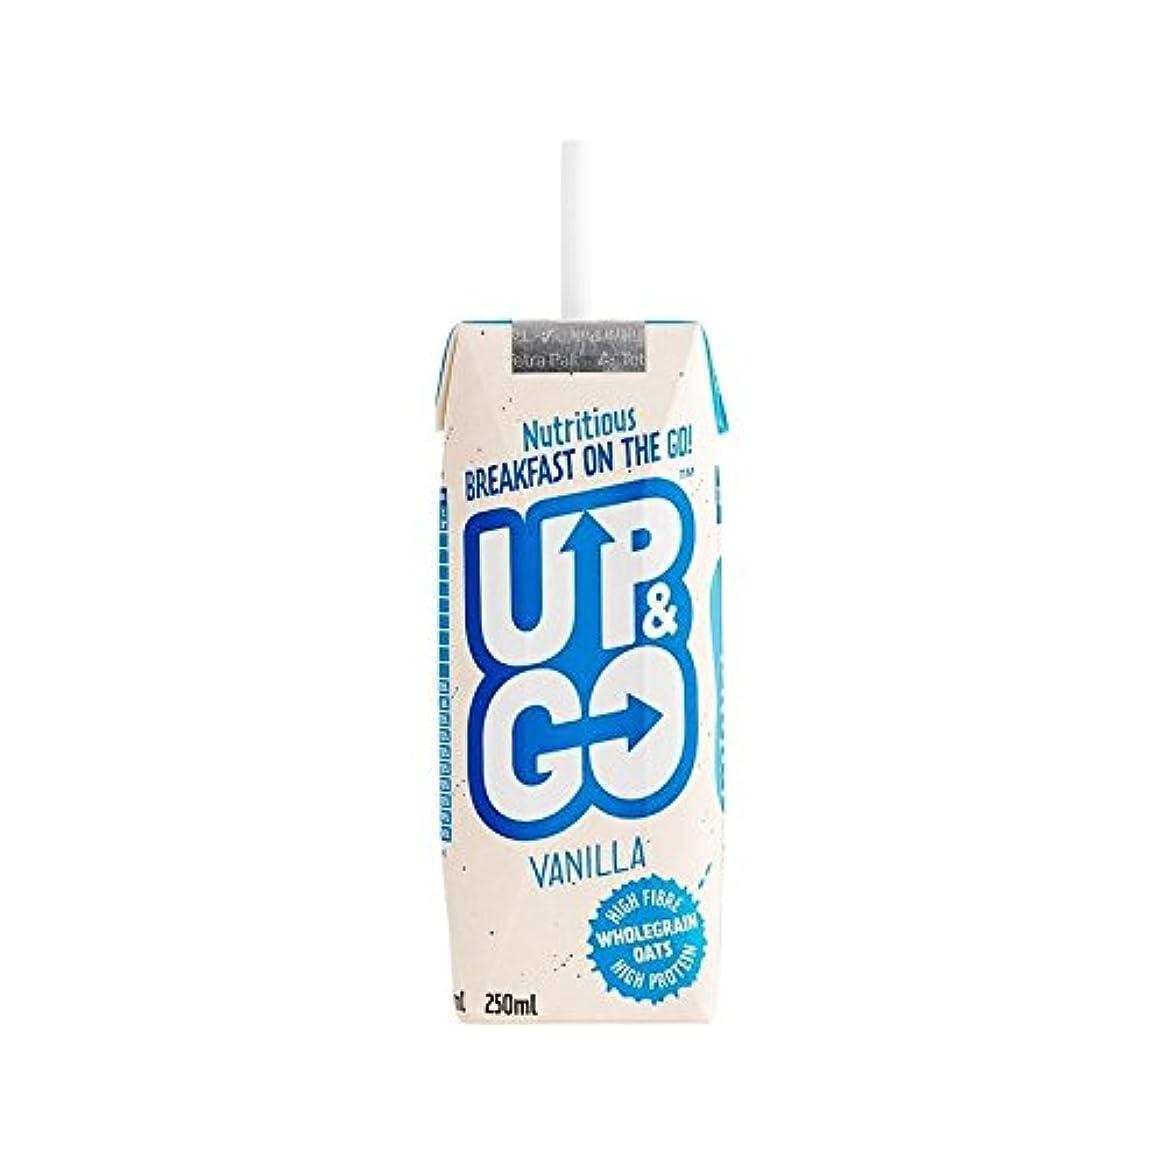 予防接種マエストロトランペットオート麦の250ミリリットルとバニラ朝食ドリンク (Up&Go) (x 2) - Up&Go Vanilla Breakfast Drink with Oats 250ml (Pack of 2) [並行輸入品]